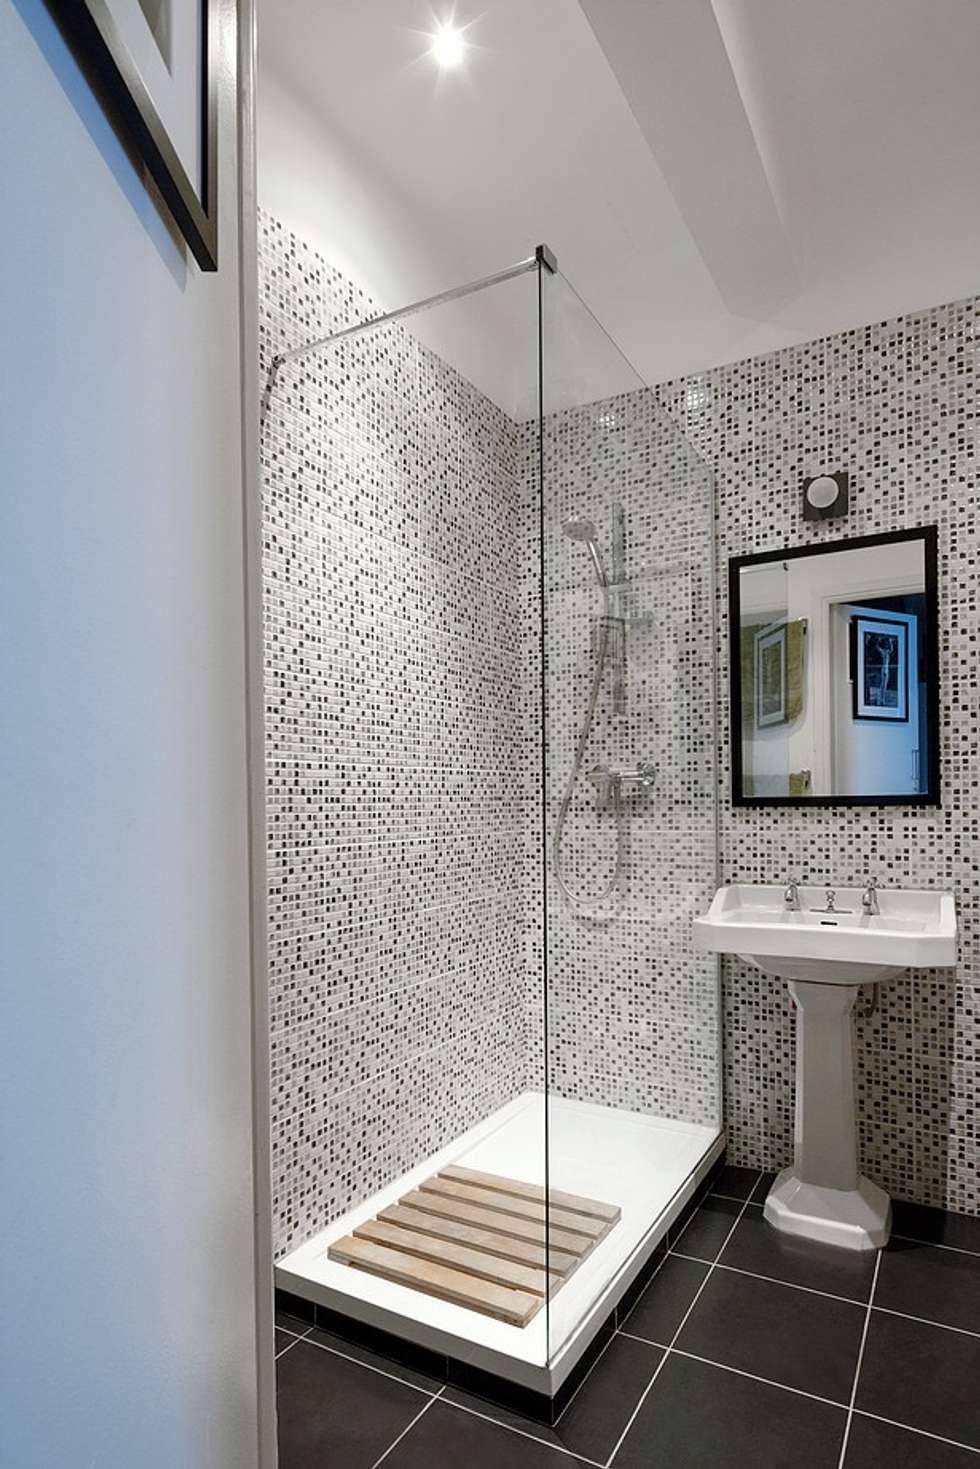 Salle de bain: Salle de bains de style  par Olivier Francheteau